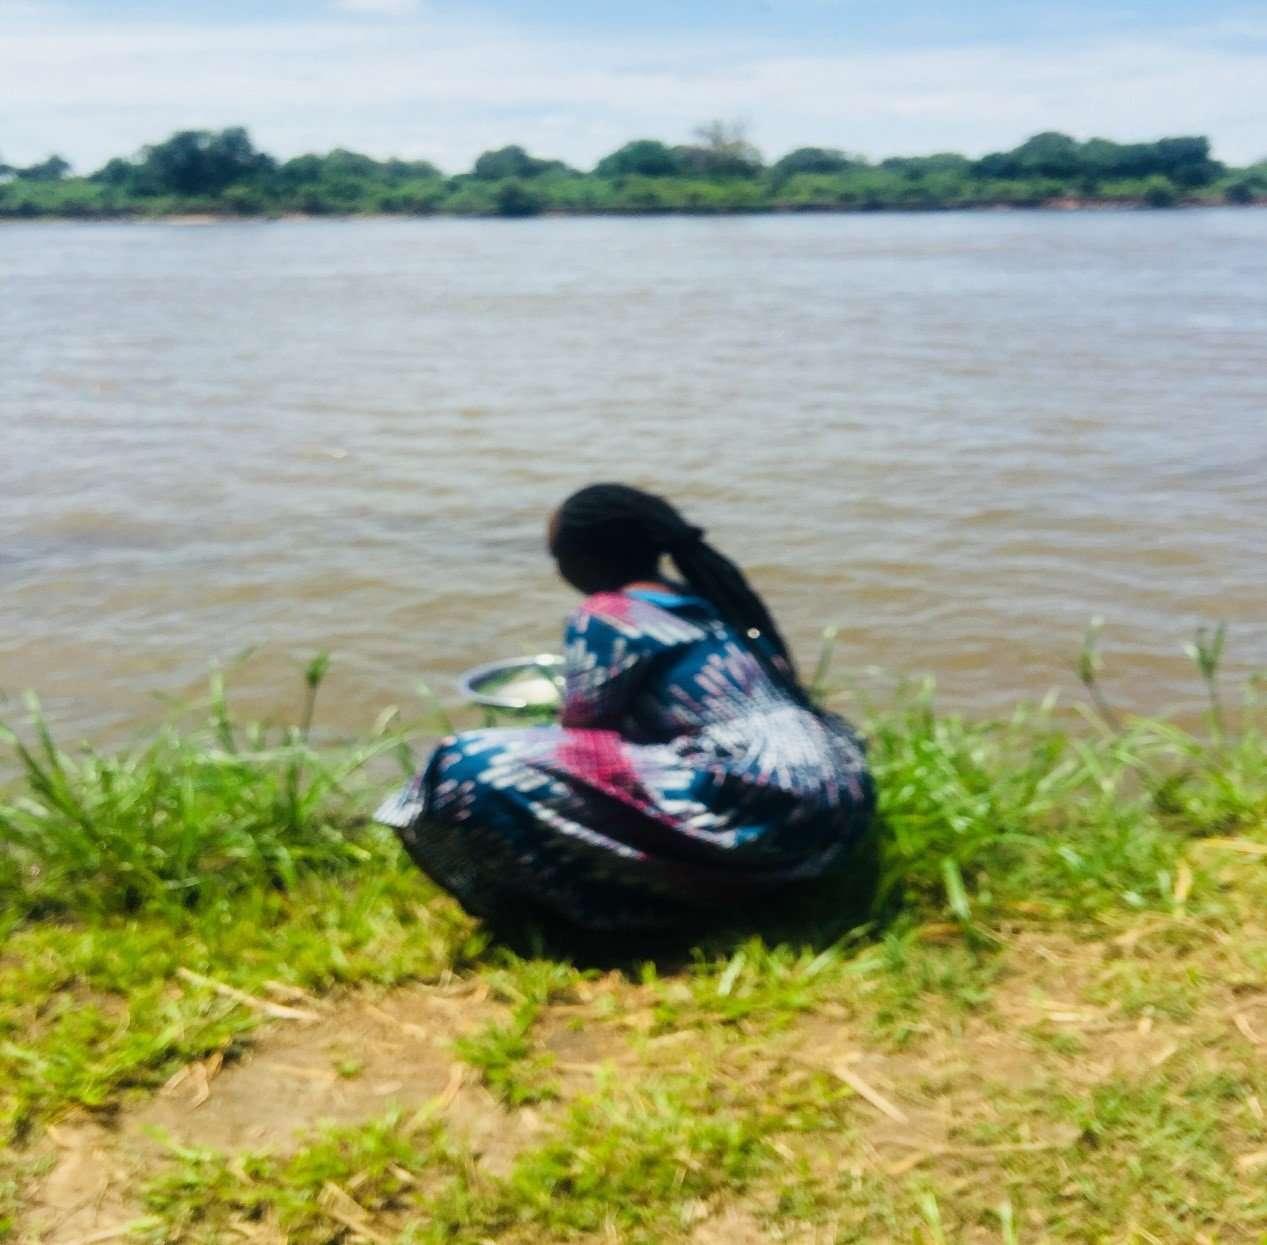 Great Zambesi river zambia highlights (8)